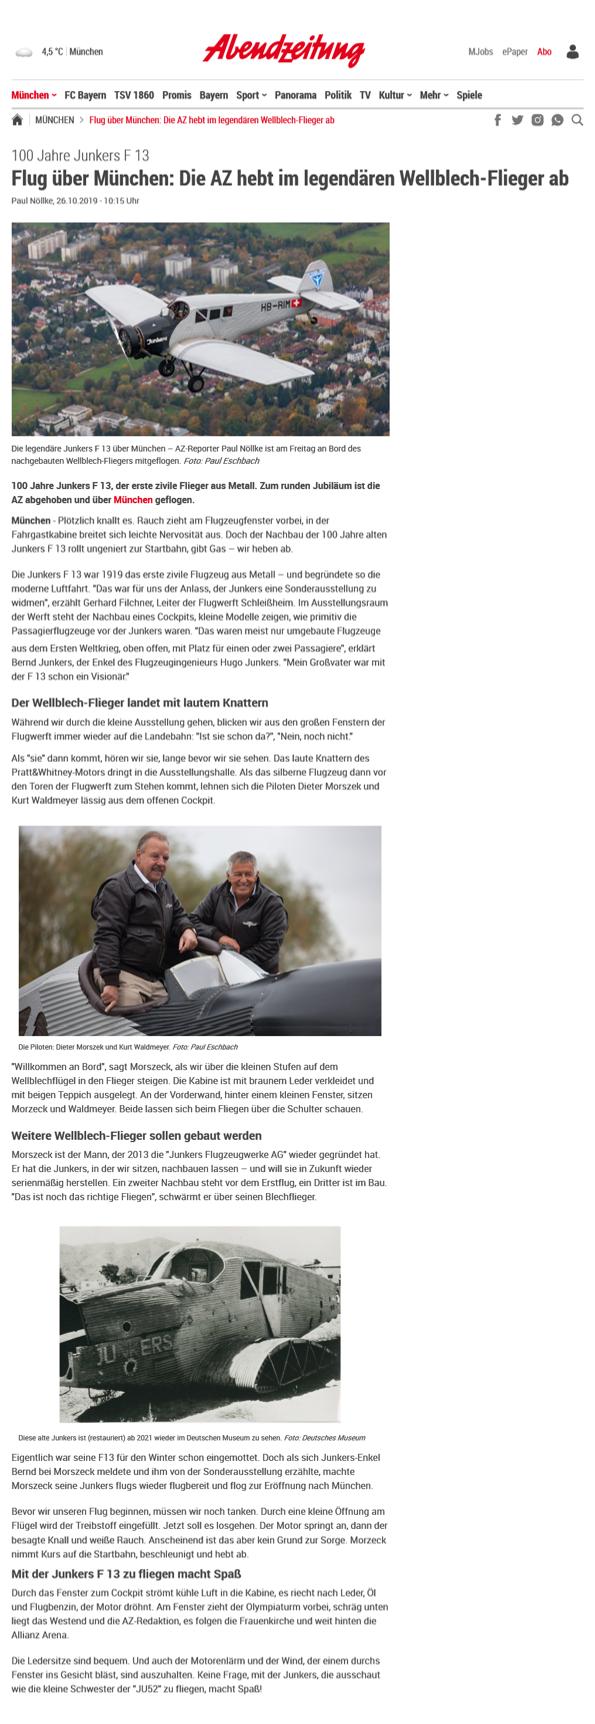 Abendzeitung JunkersF